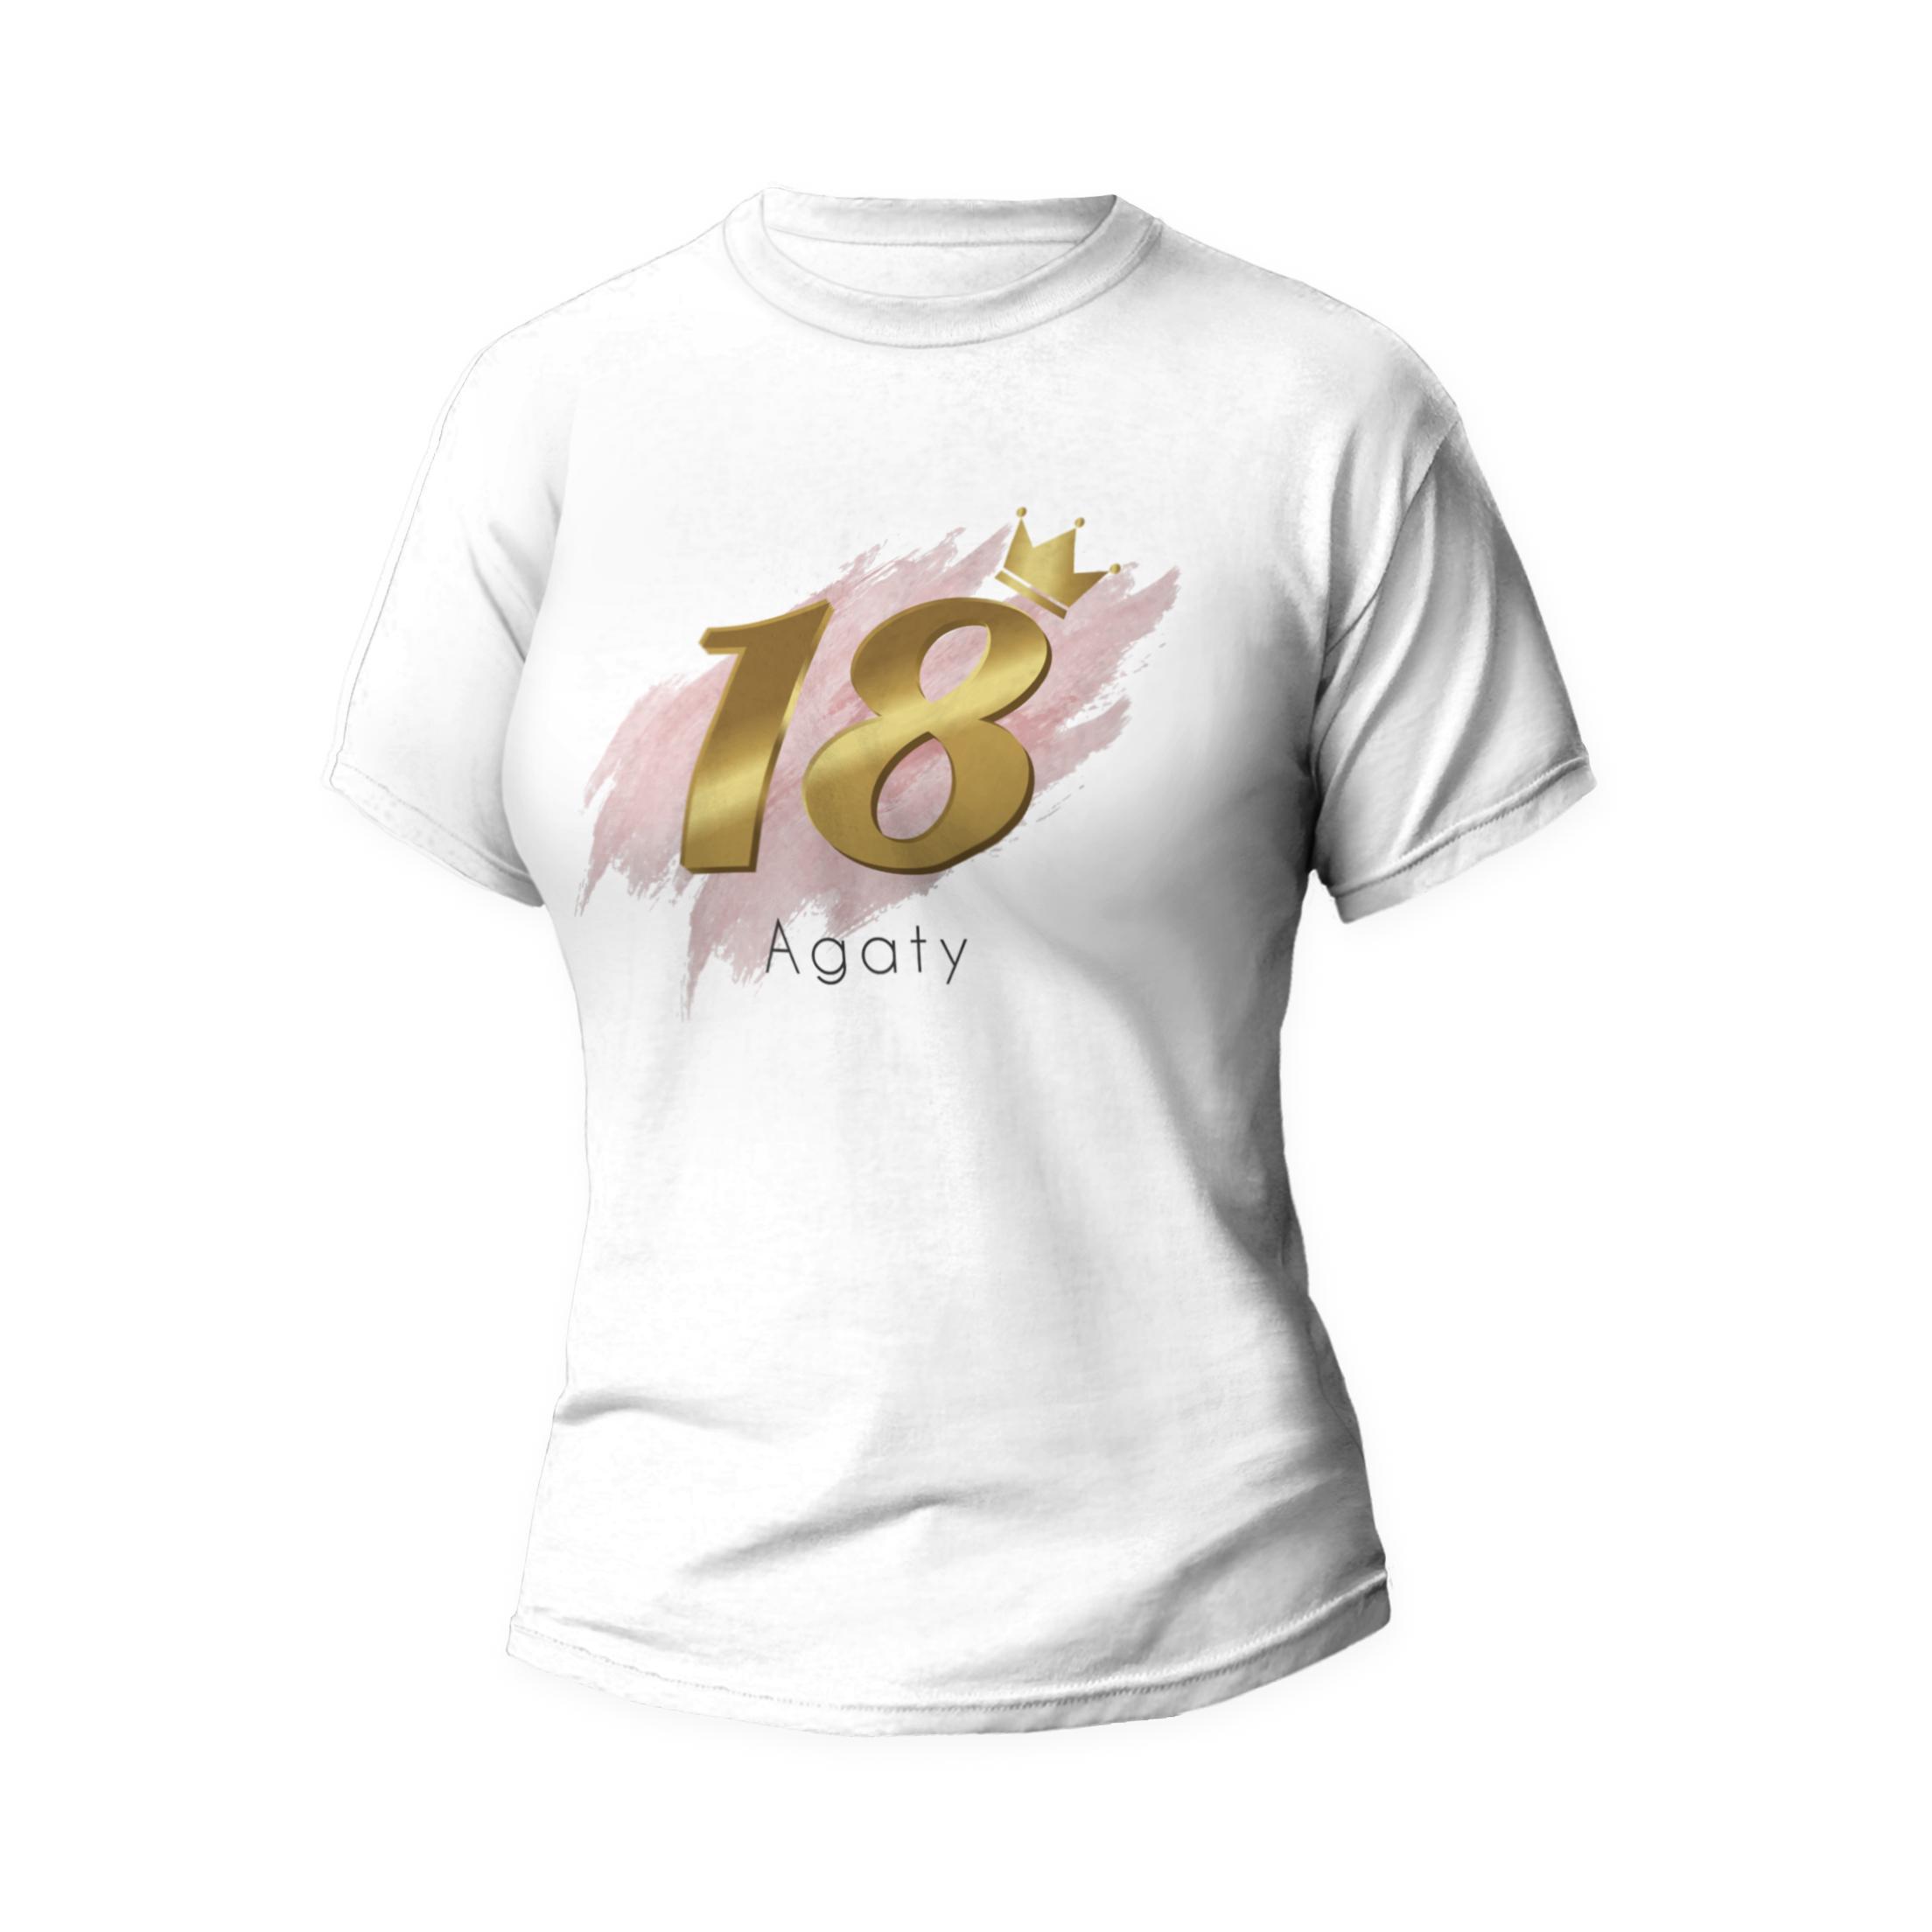 Rozmiar S - koszulka damska z własnym nadrukiem na urodziny - 18 osiemnastka - biała